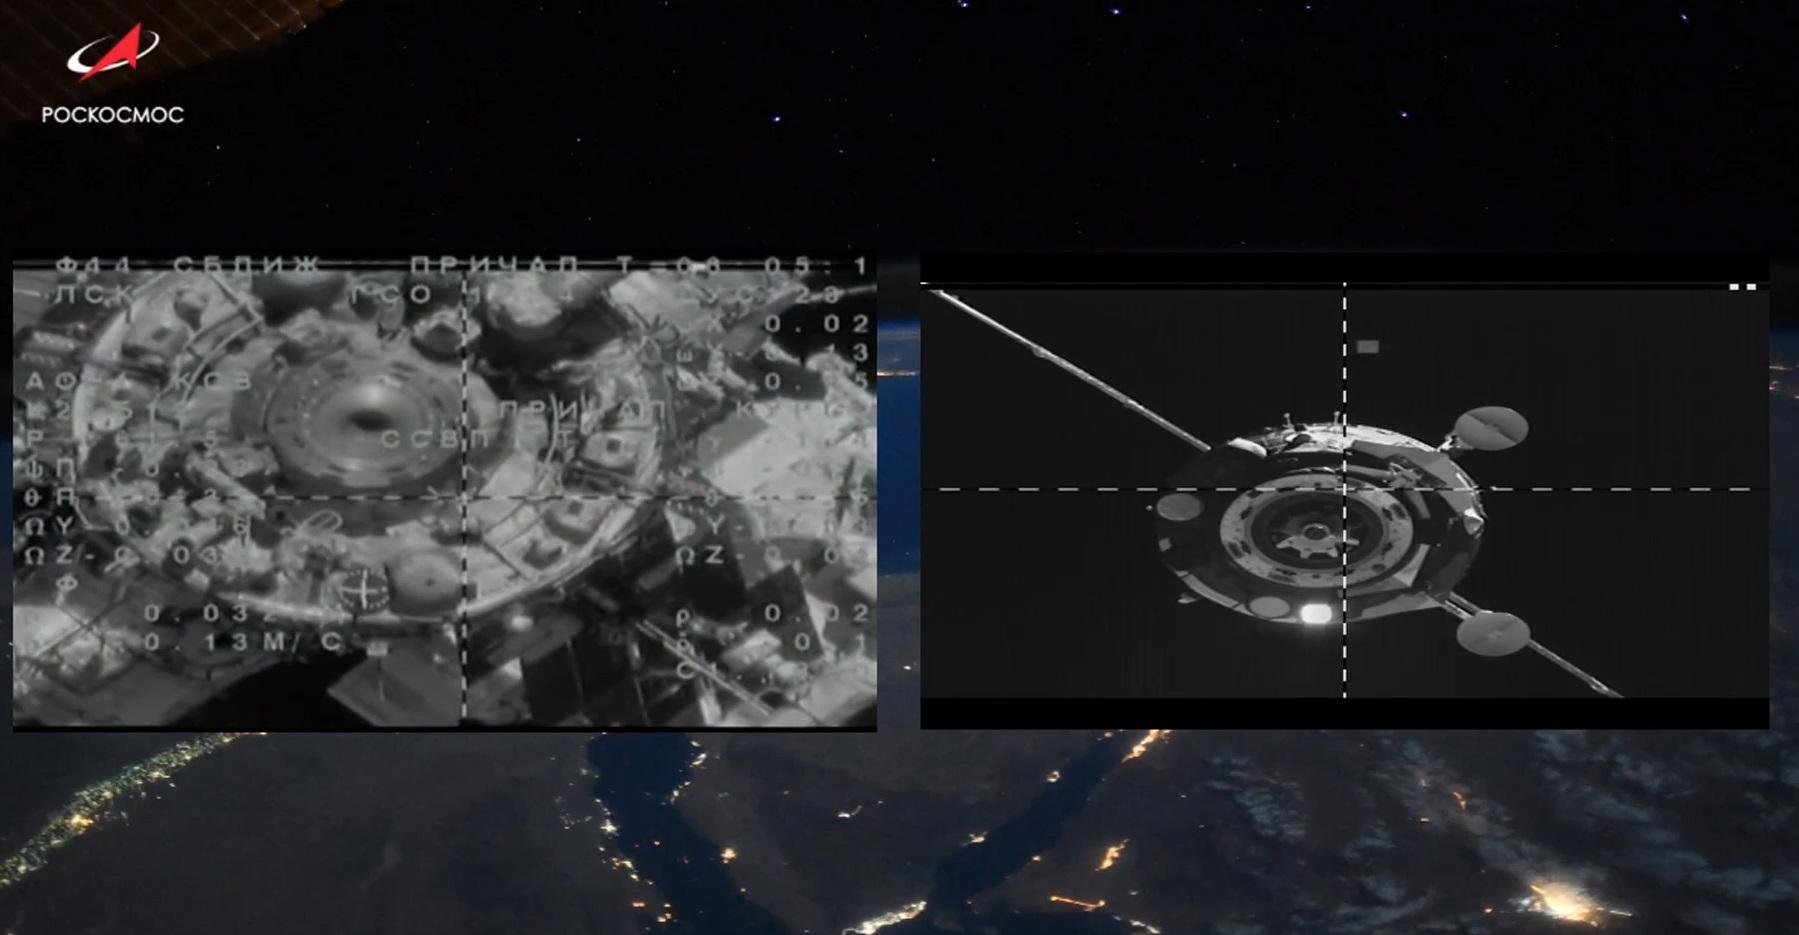 Корабль «Союз МС-14» с роботом FEDOR успешно пристыковался к МКС со второй попытки - 7